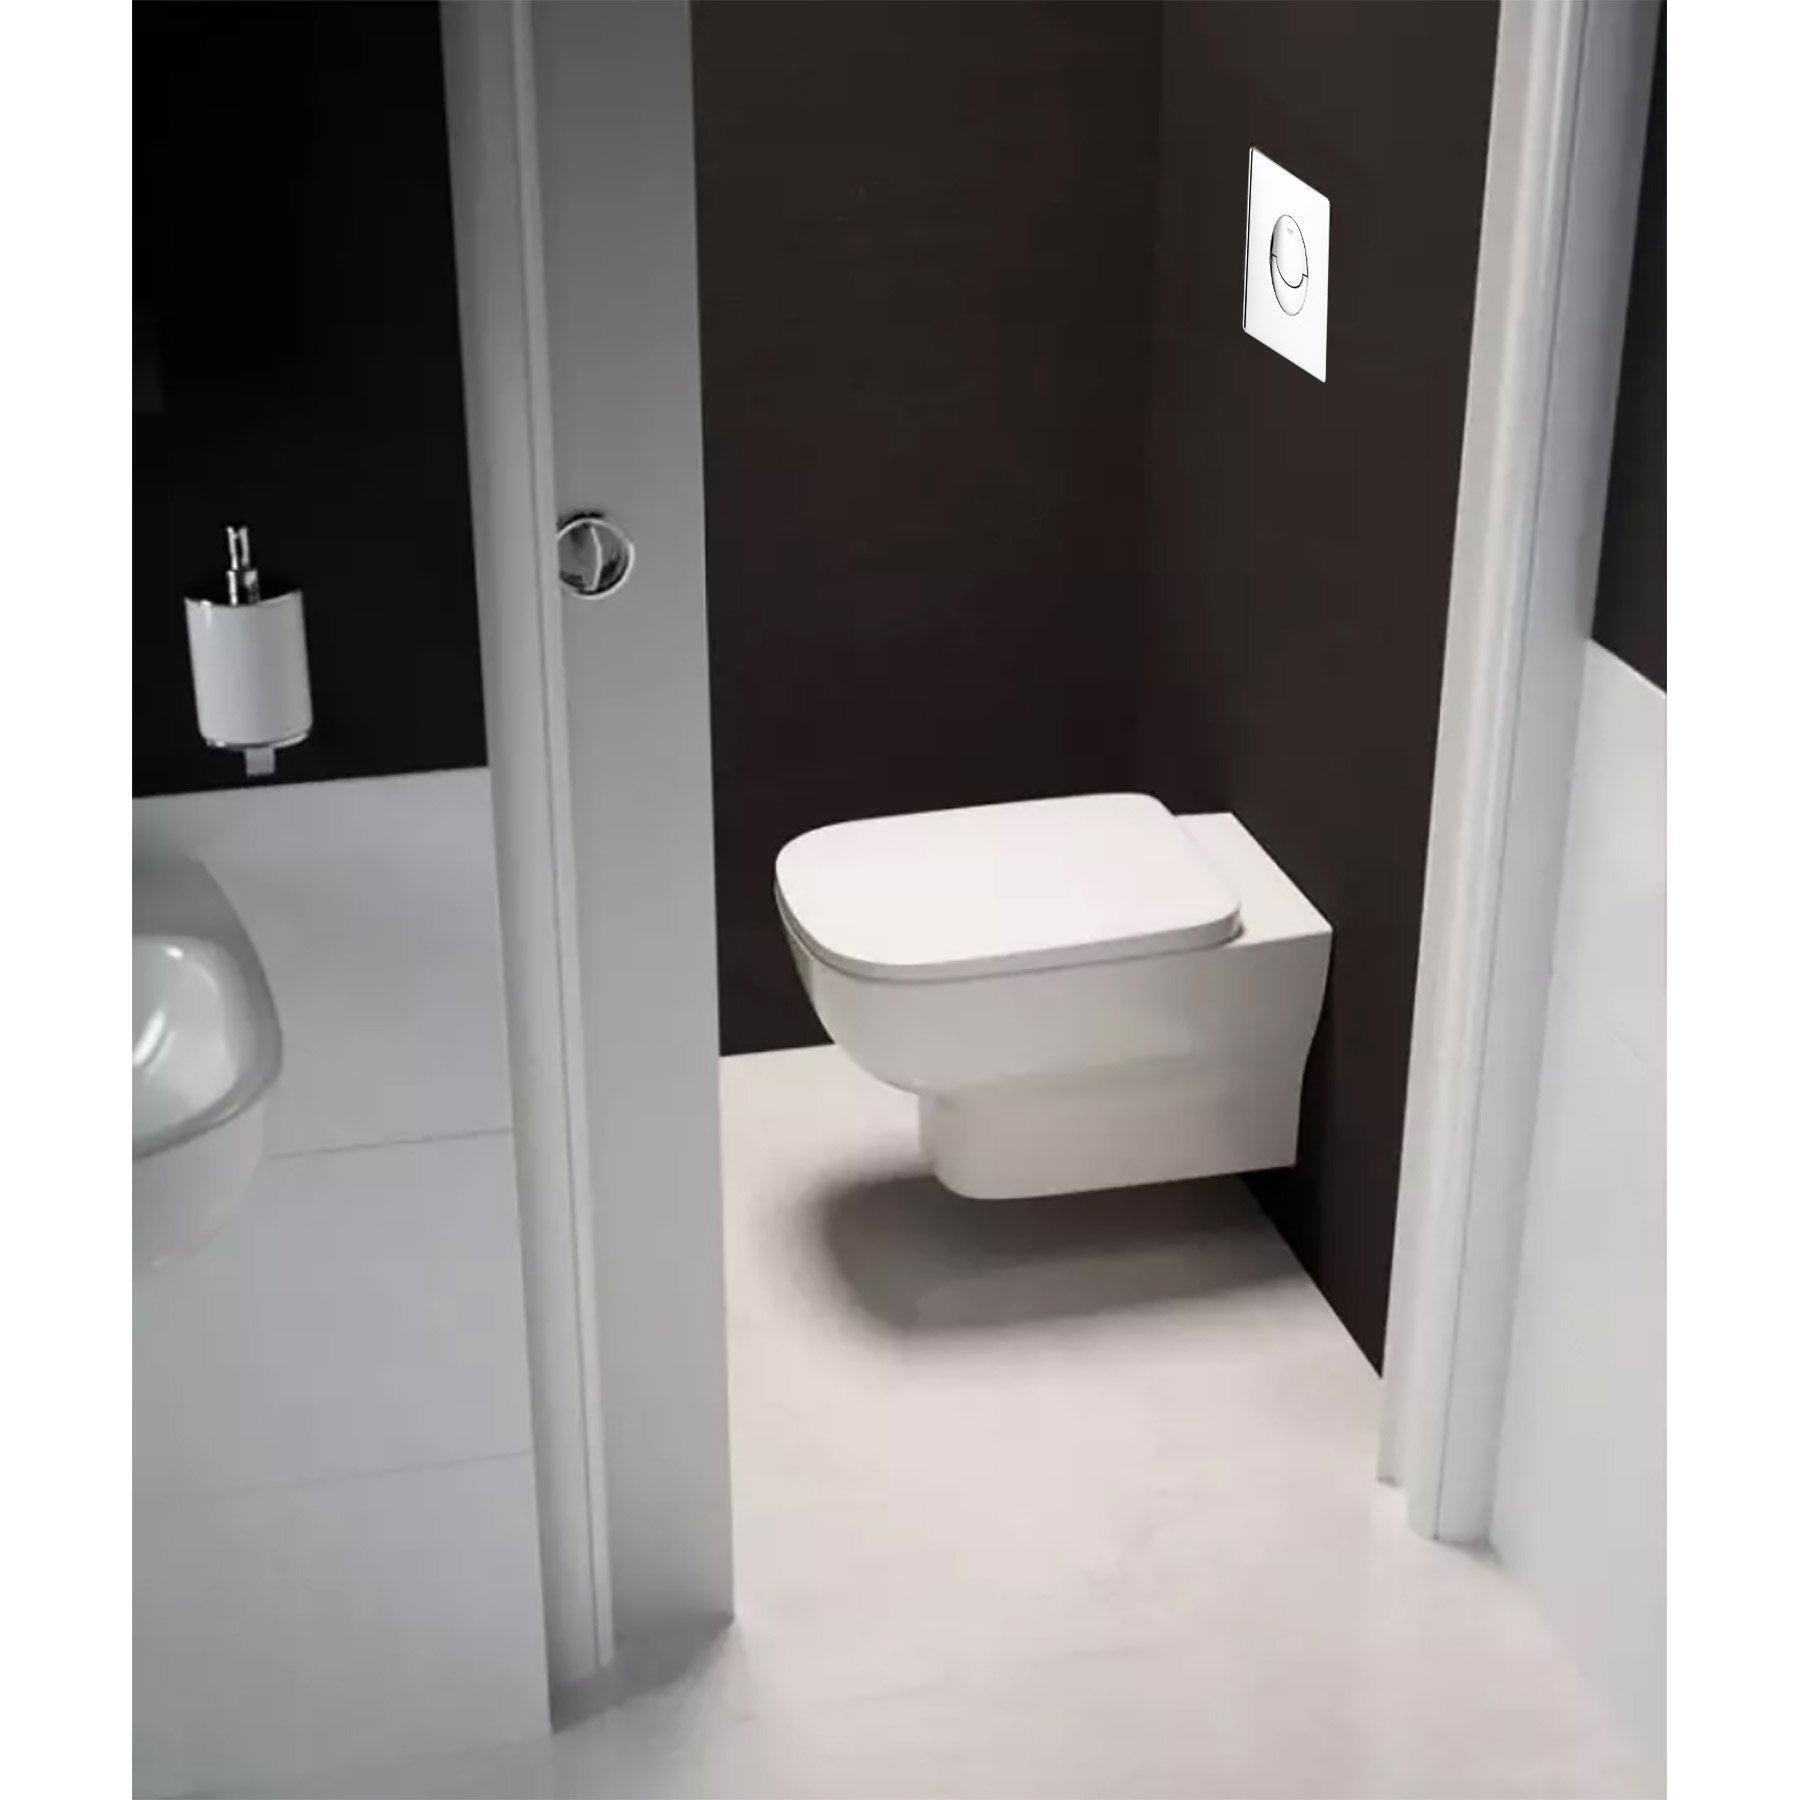 Comment Installer Un Wc Suspendu Grohe pack wc suspendu bâti sol double rapid sl et kheops blanc grohe